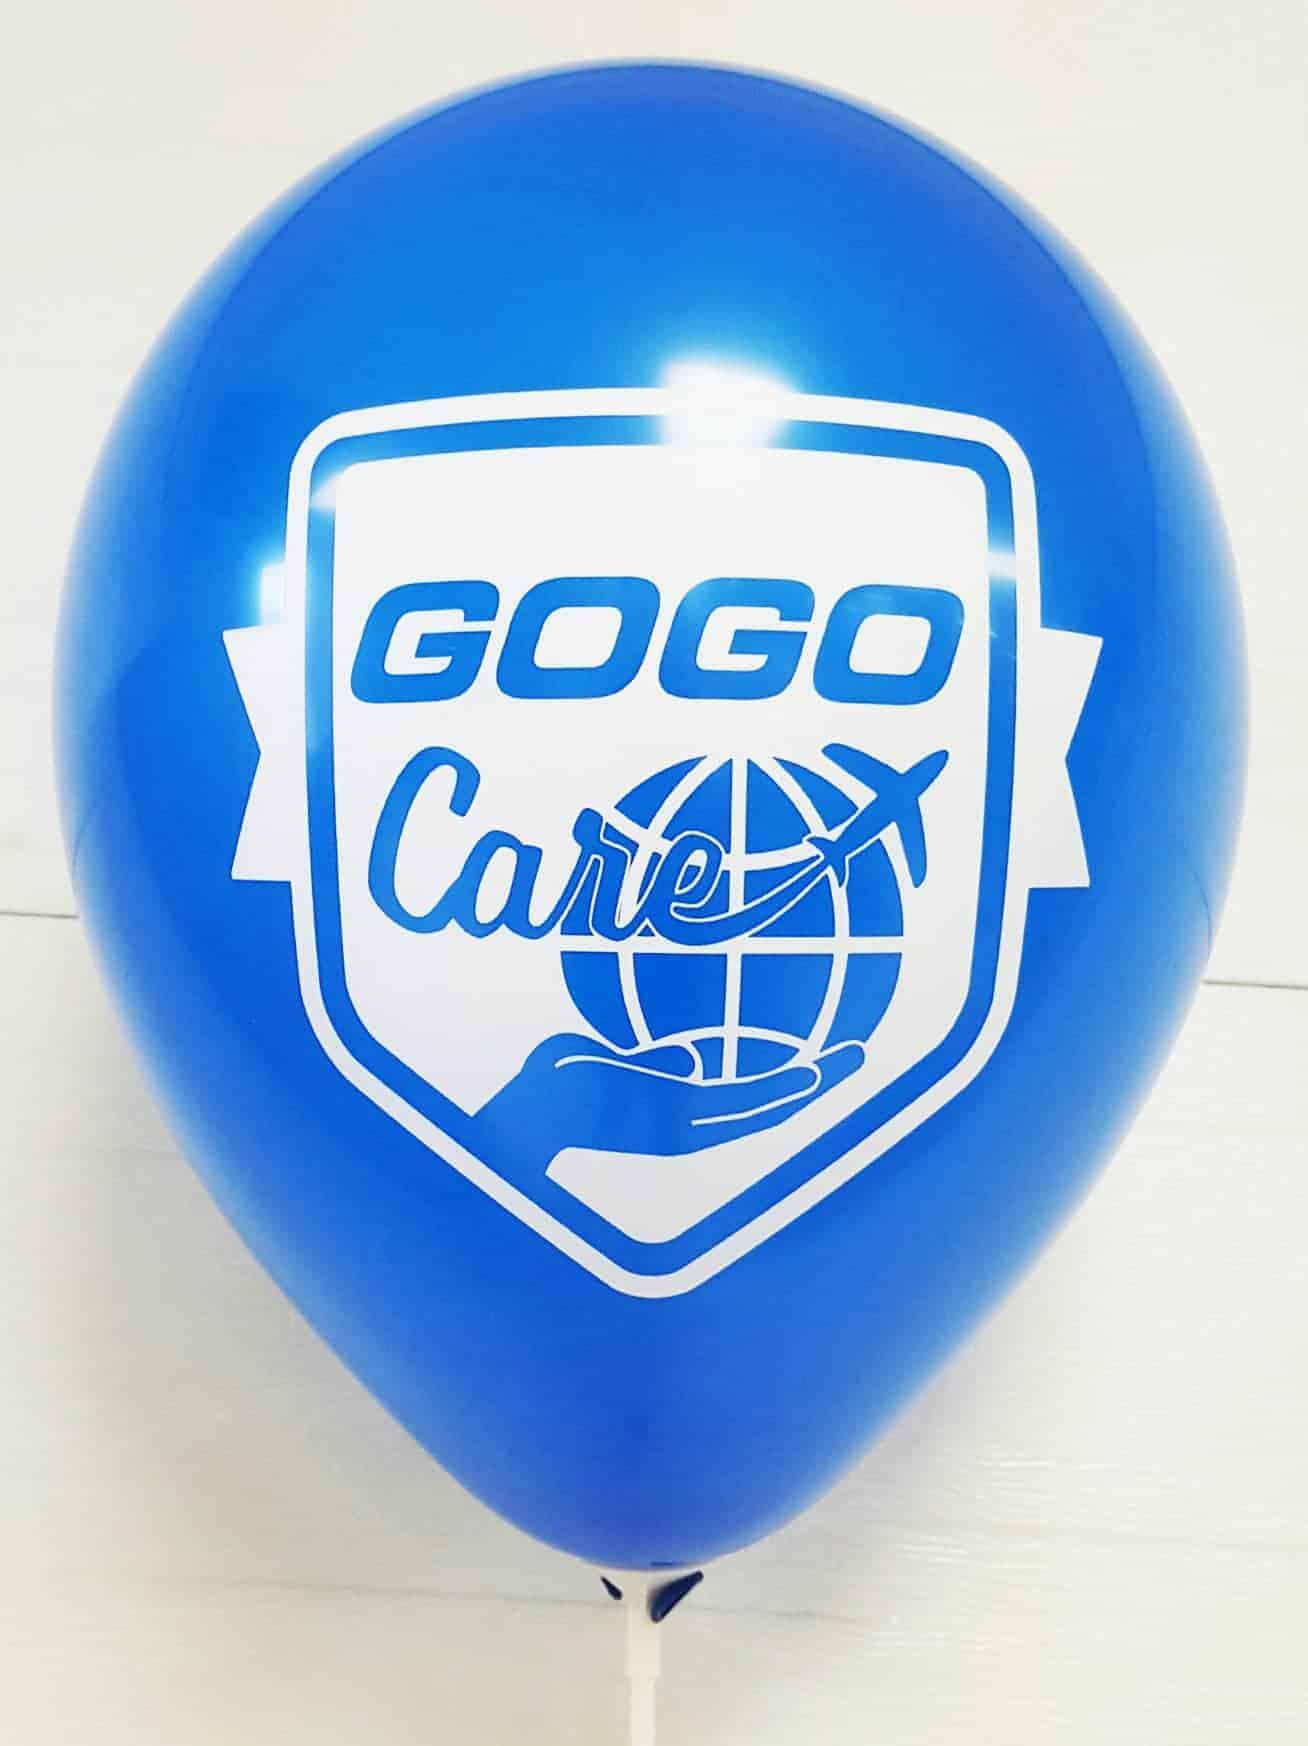 gogo-care-csa-balloons